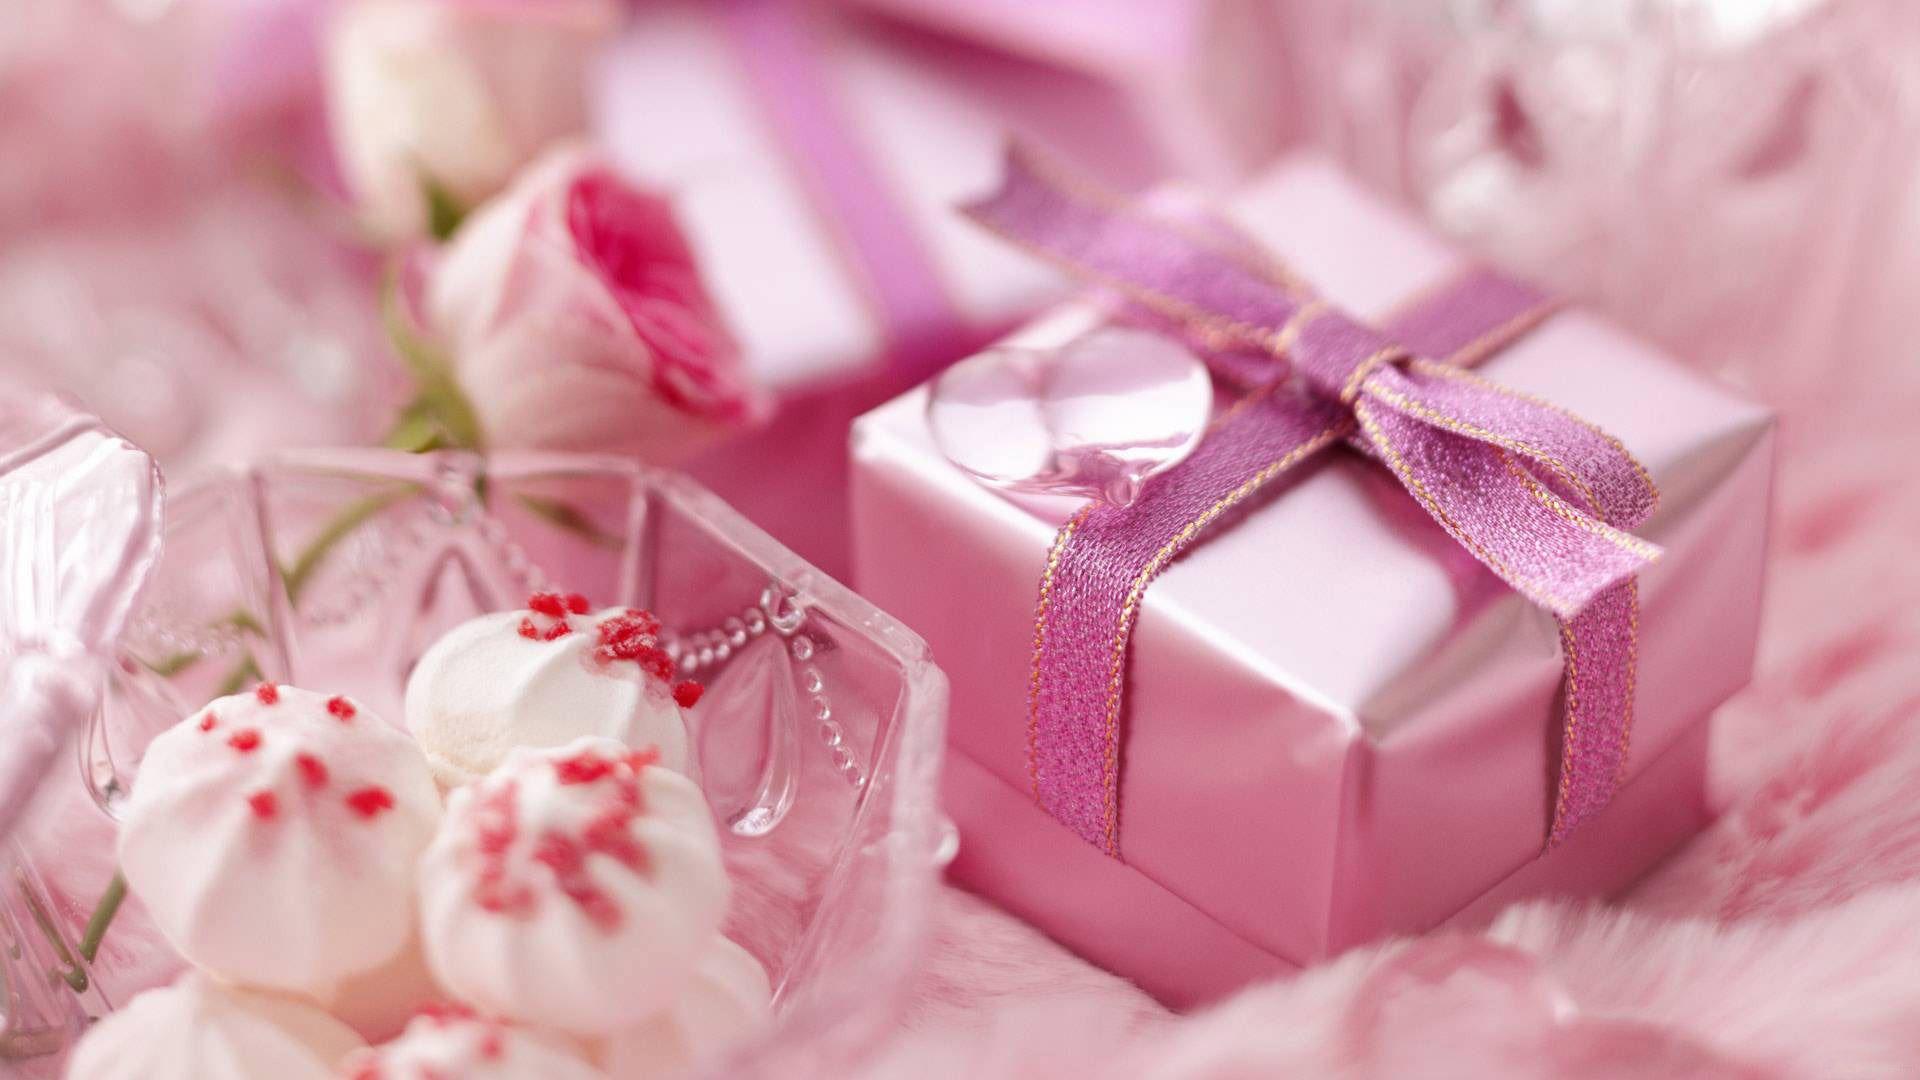 คนรัก คำอวยพร คำอวยพรวันเกิด วันเกิด เรียนภาษาอังกฤษ